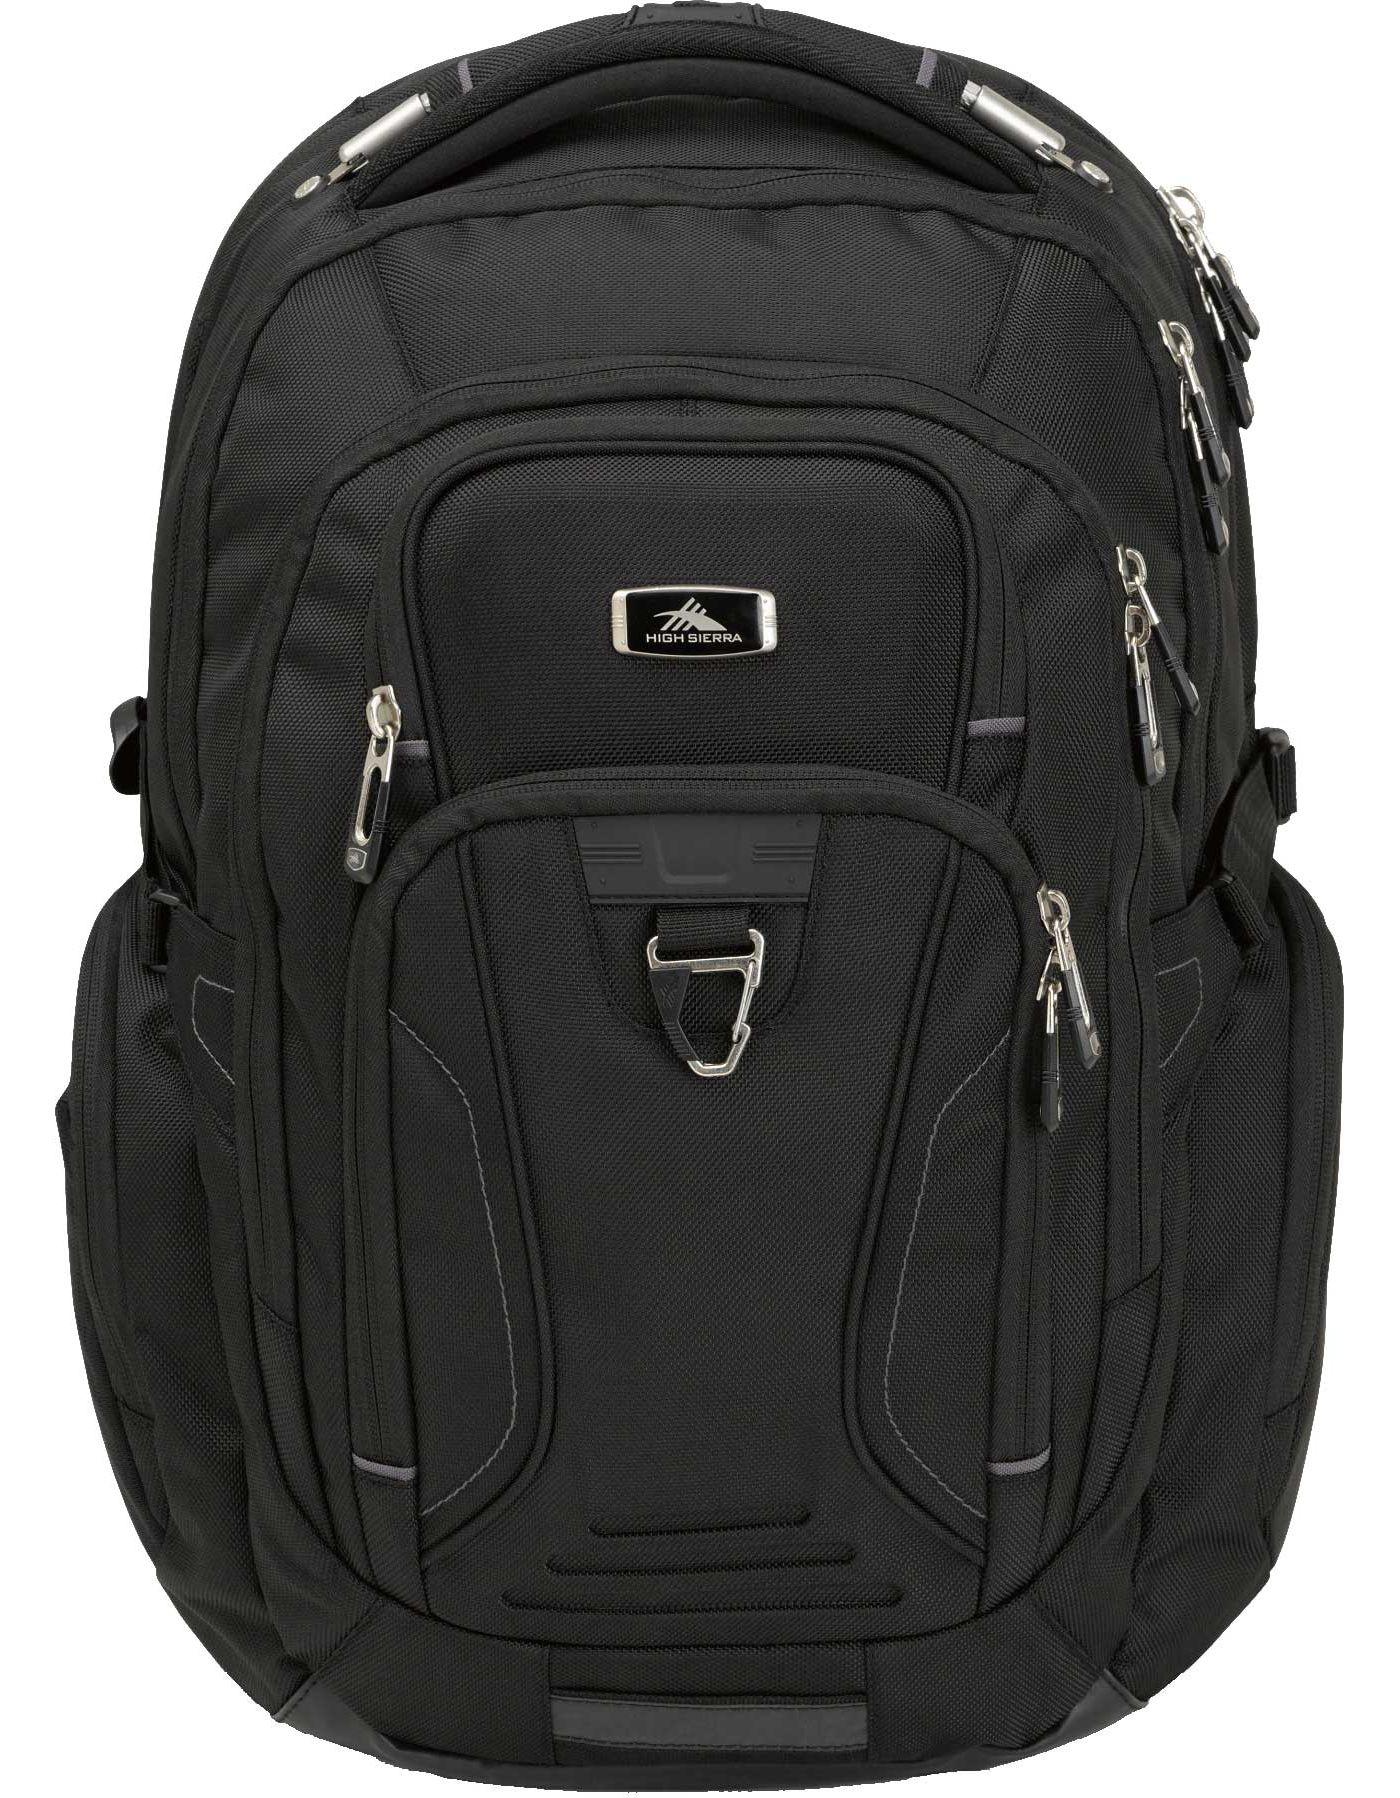 High Sierra Endeavor TSA Elite Backpack